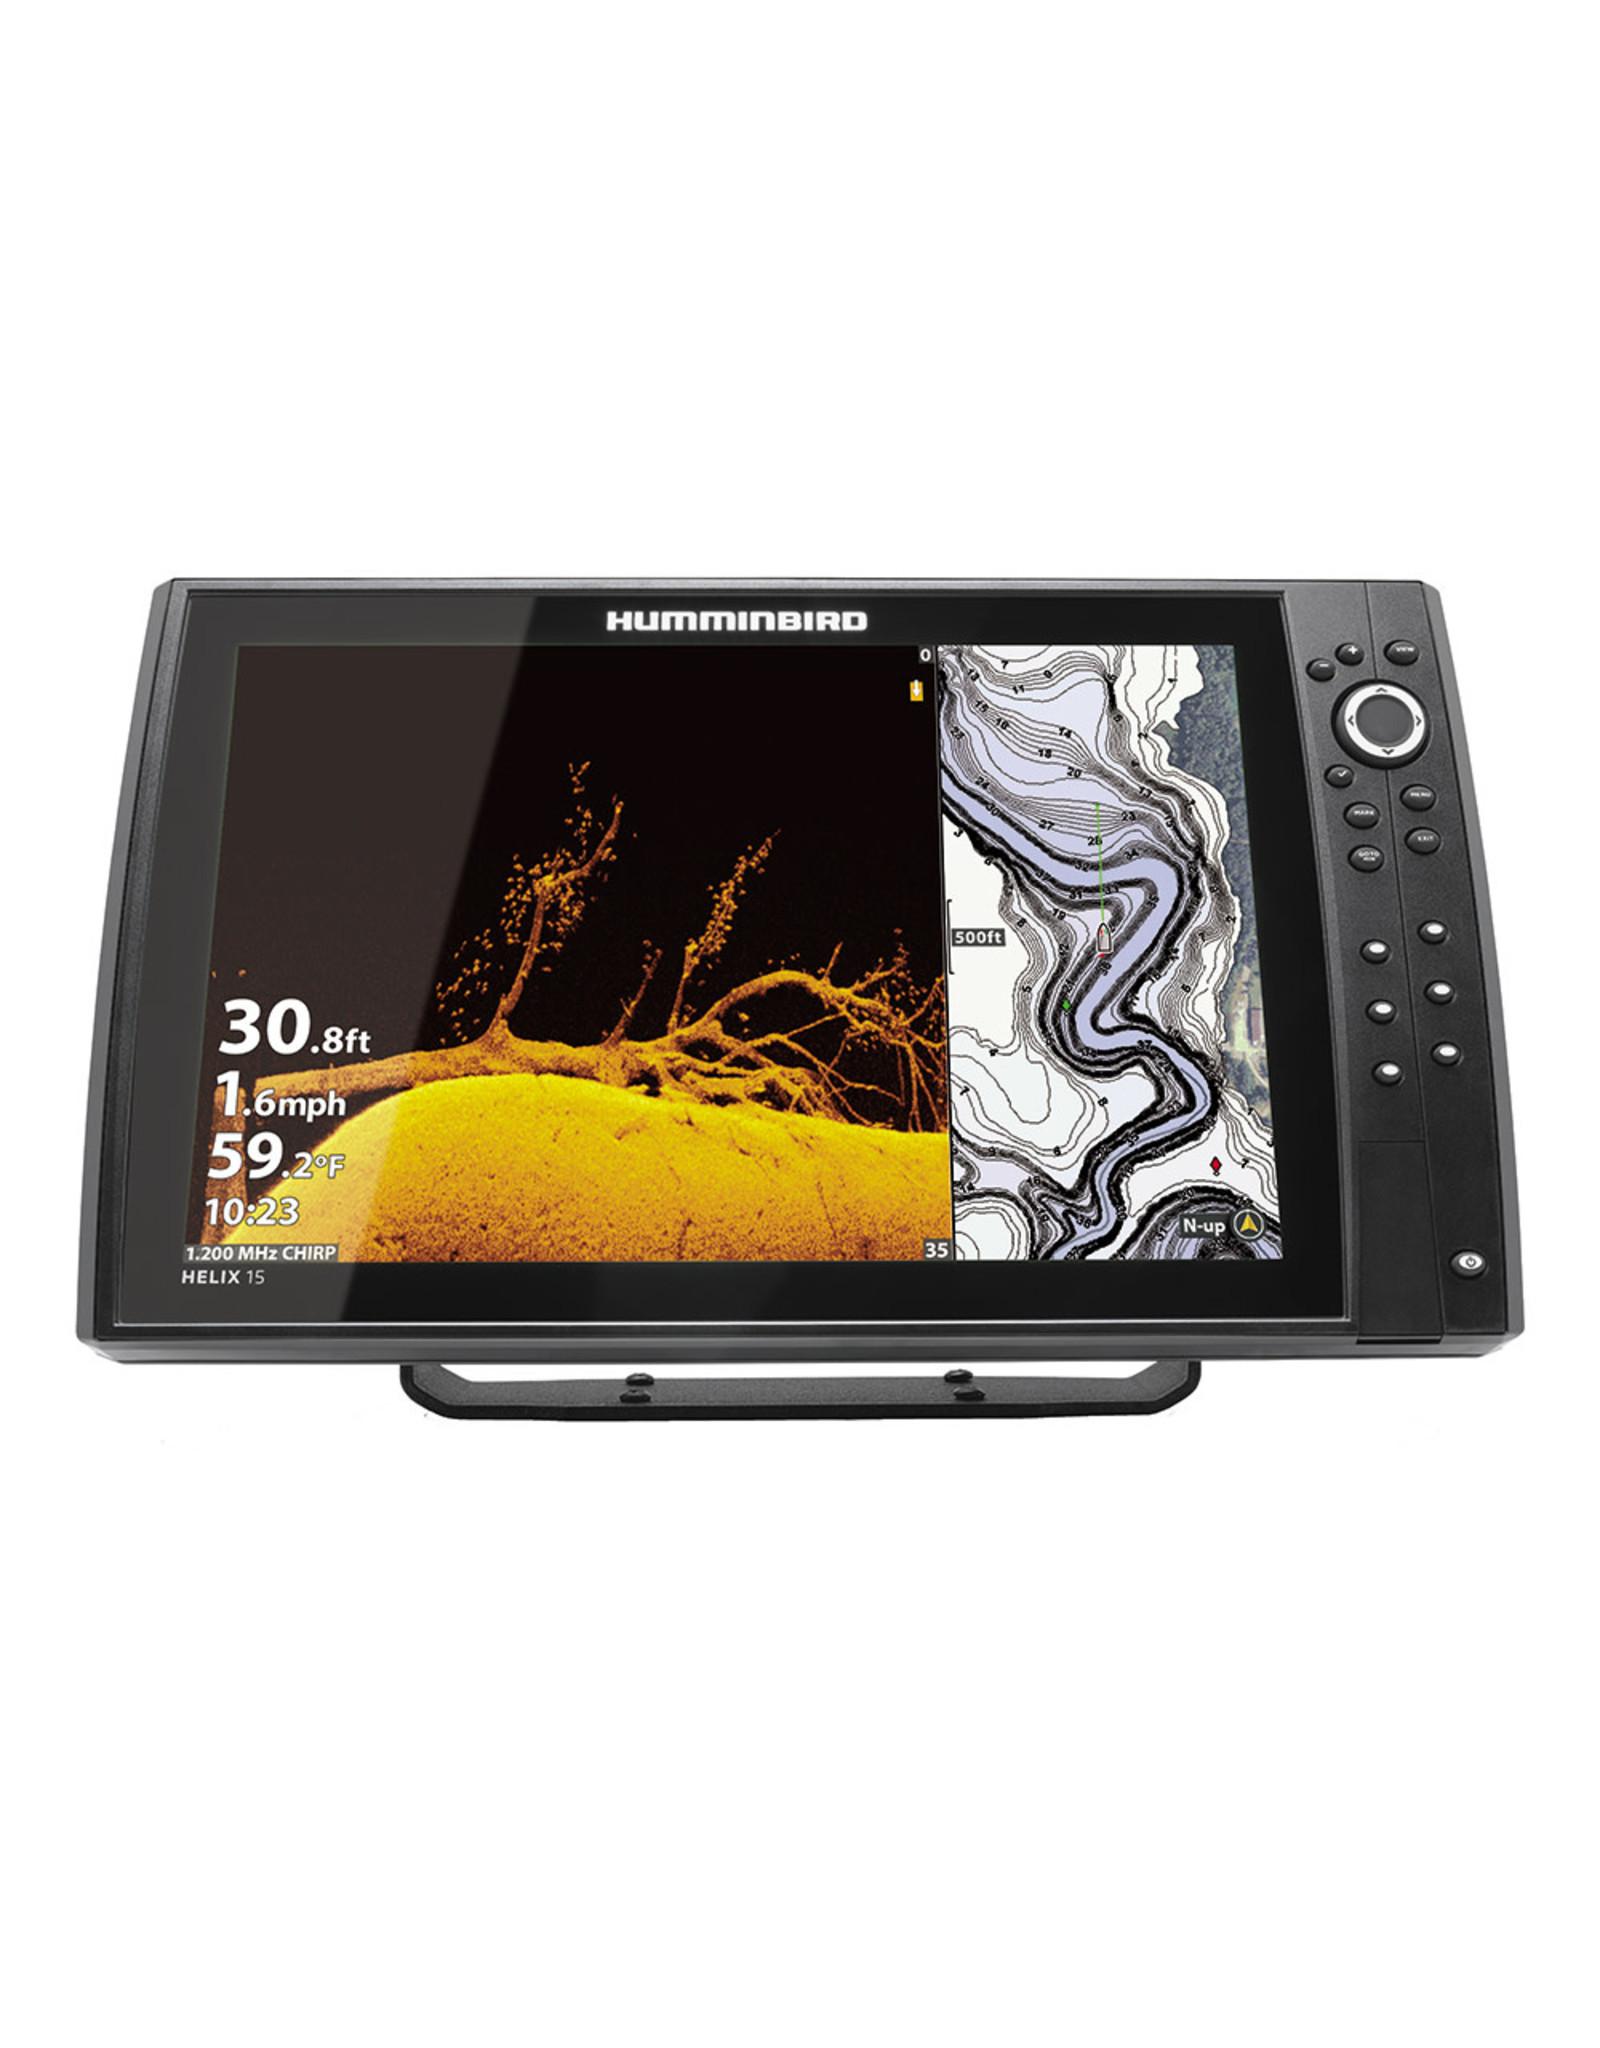 Humminbird HELIX 15® CHIRP MEGA DI+ GPS G4N CHO Display Only